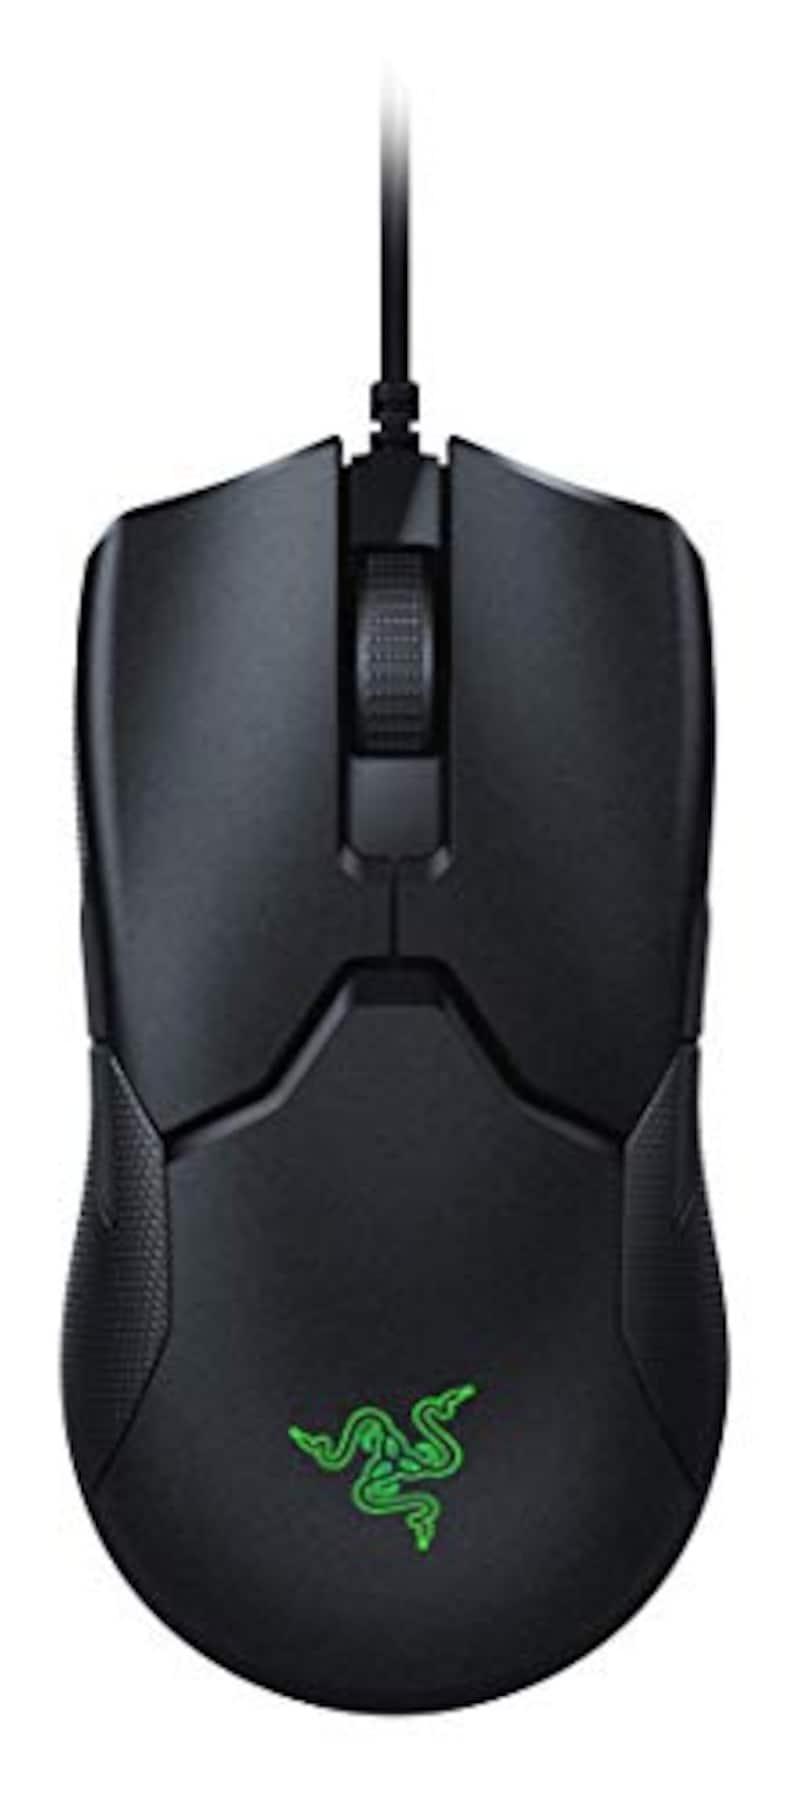 Razer(レイザー),Viper 8K Hz,RZ01-03580100-R3M1